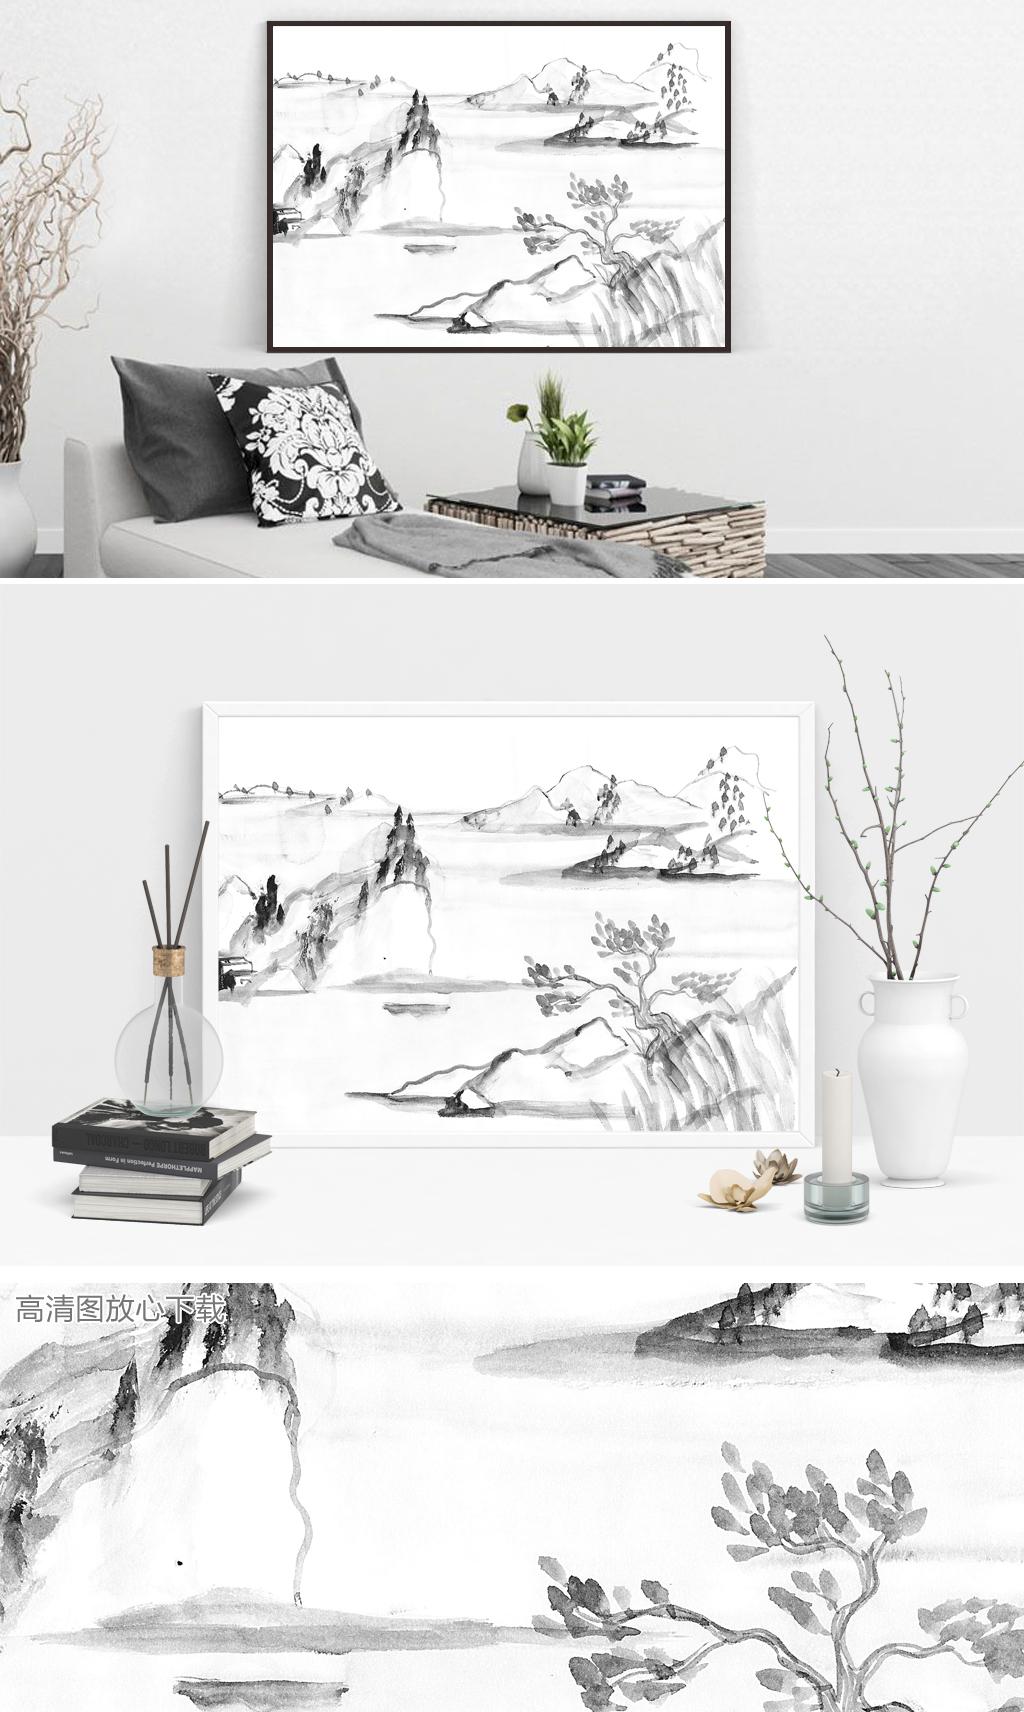 202中国风黑白装饰画下载山水画简约